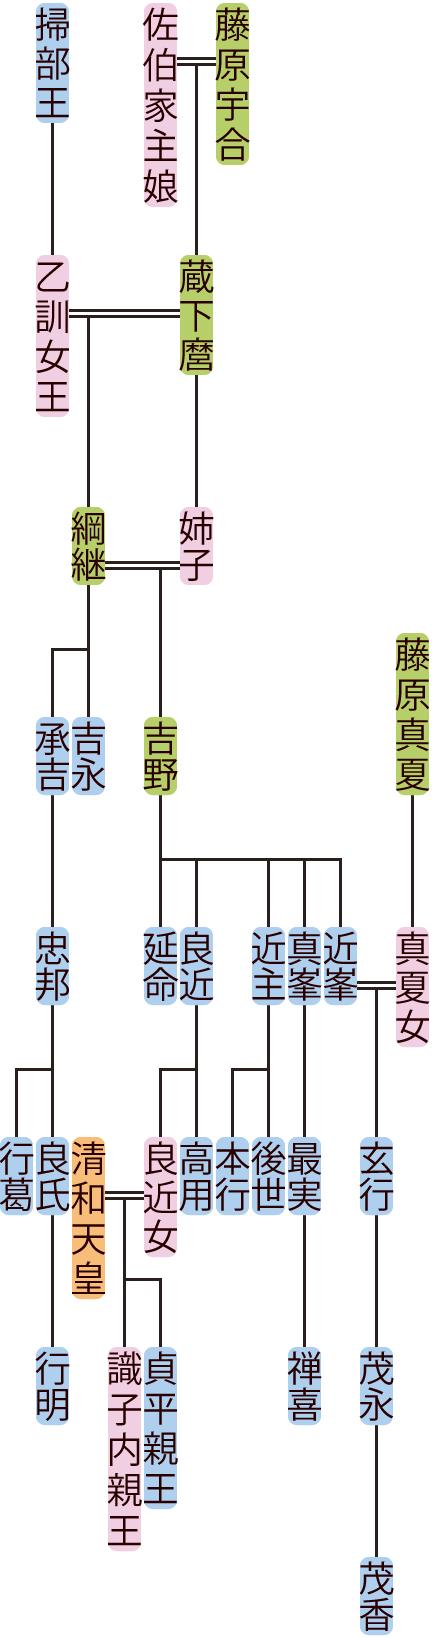 藤原綱継・吉野の系図